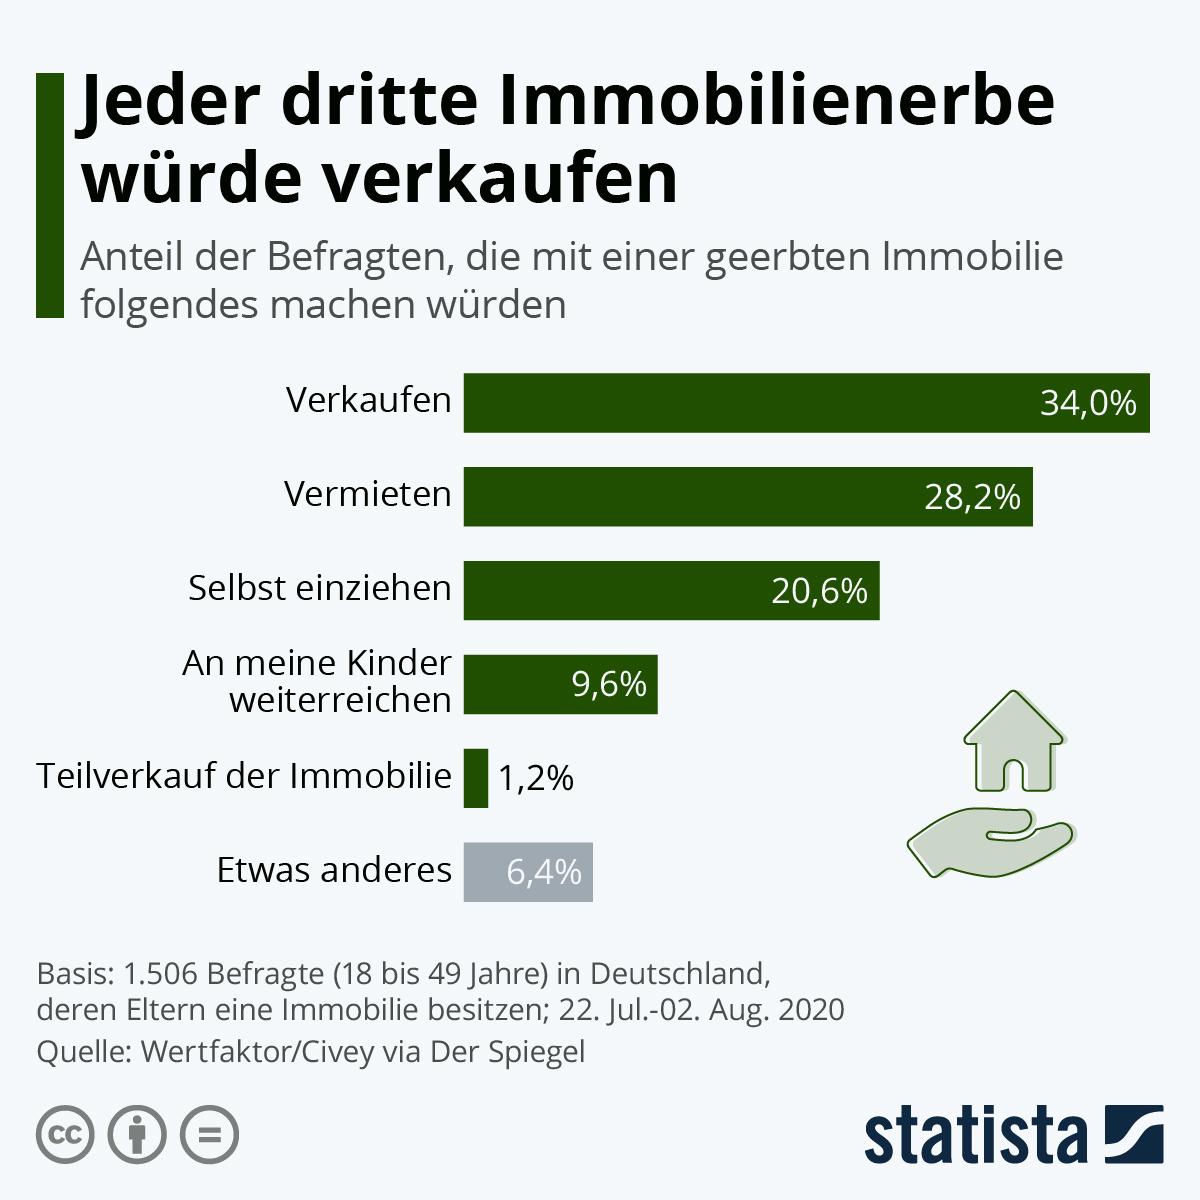 Infografik: Jeder dritte Immobilienerbe würde verkaufen | Statista